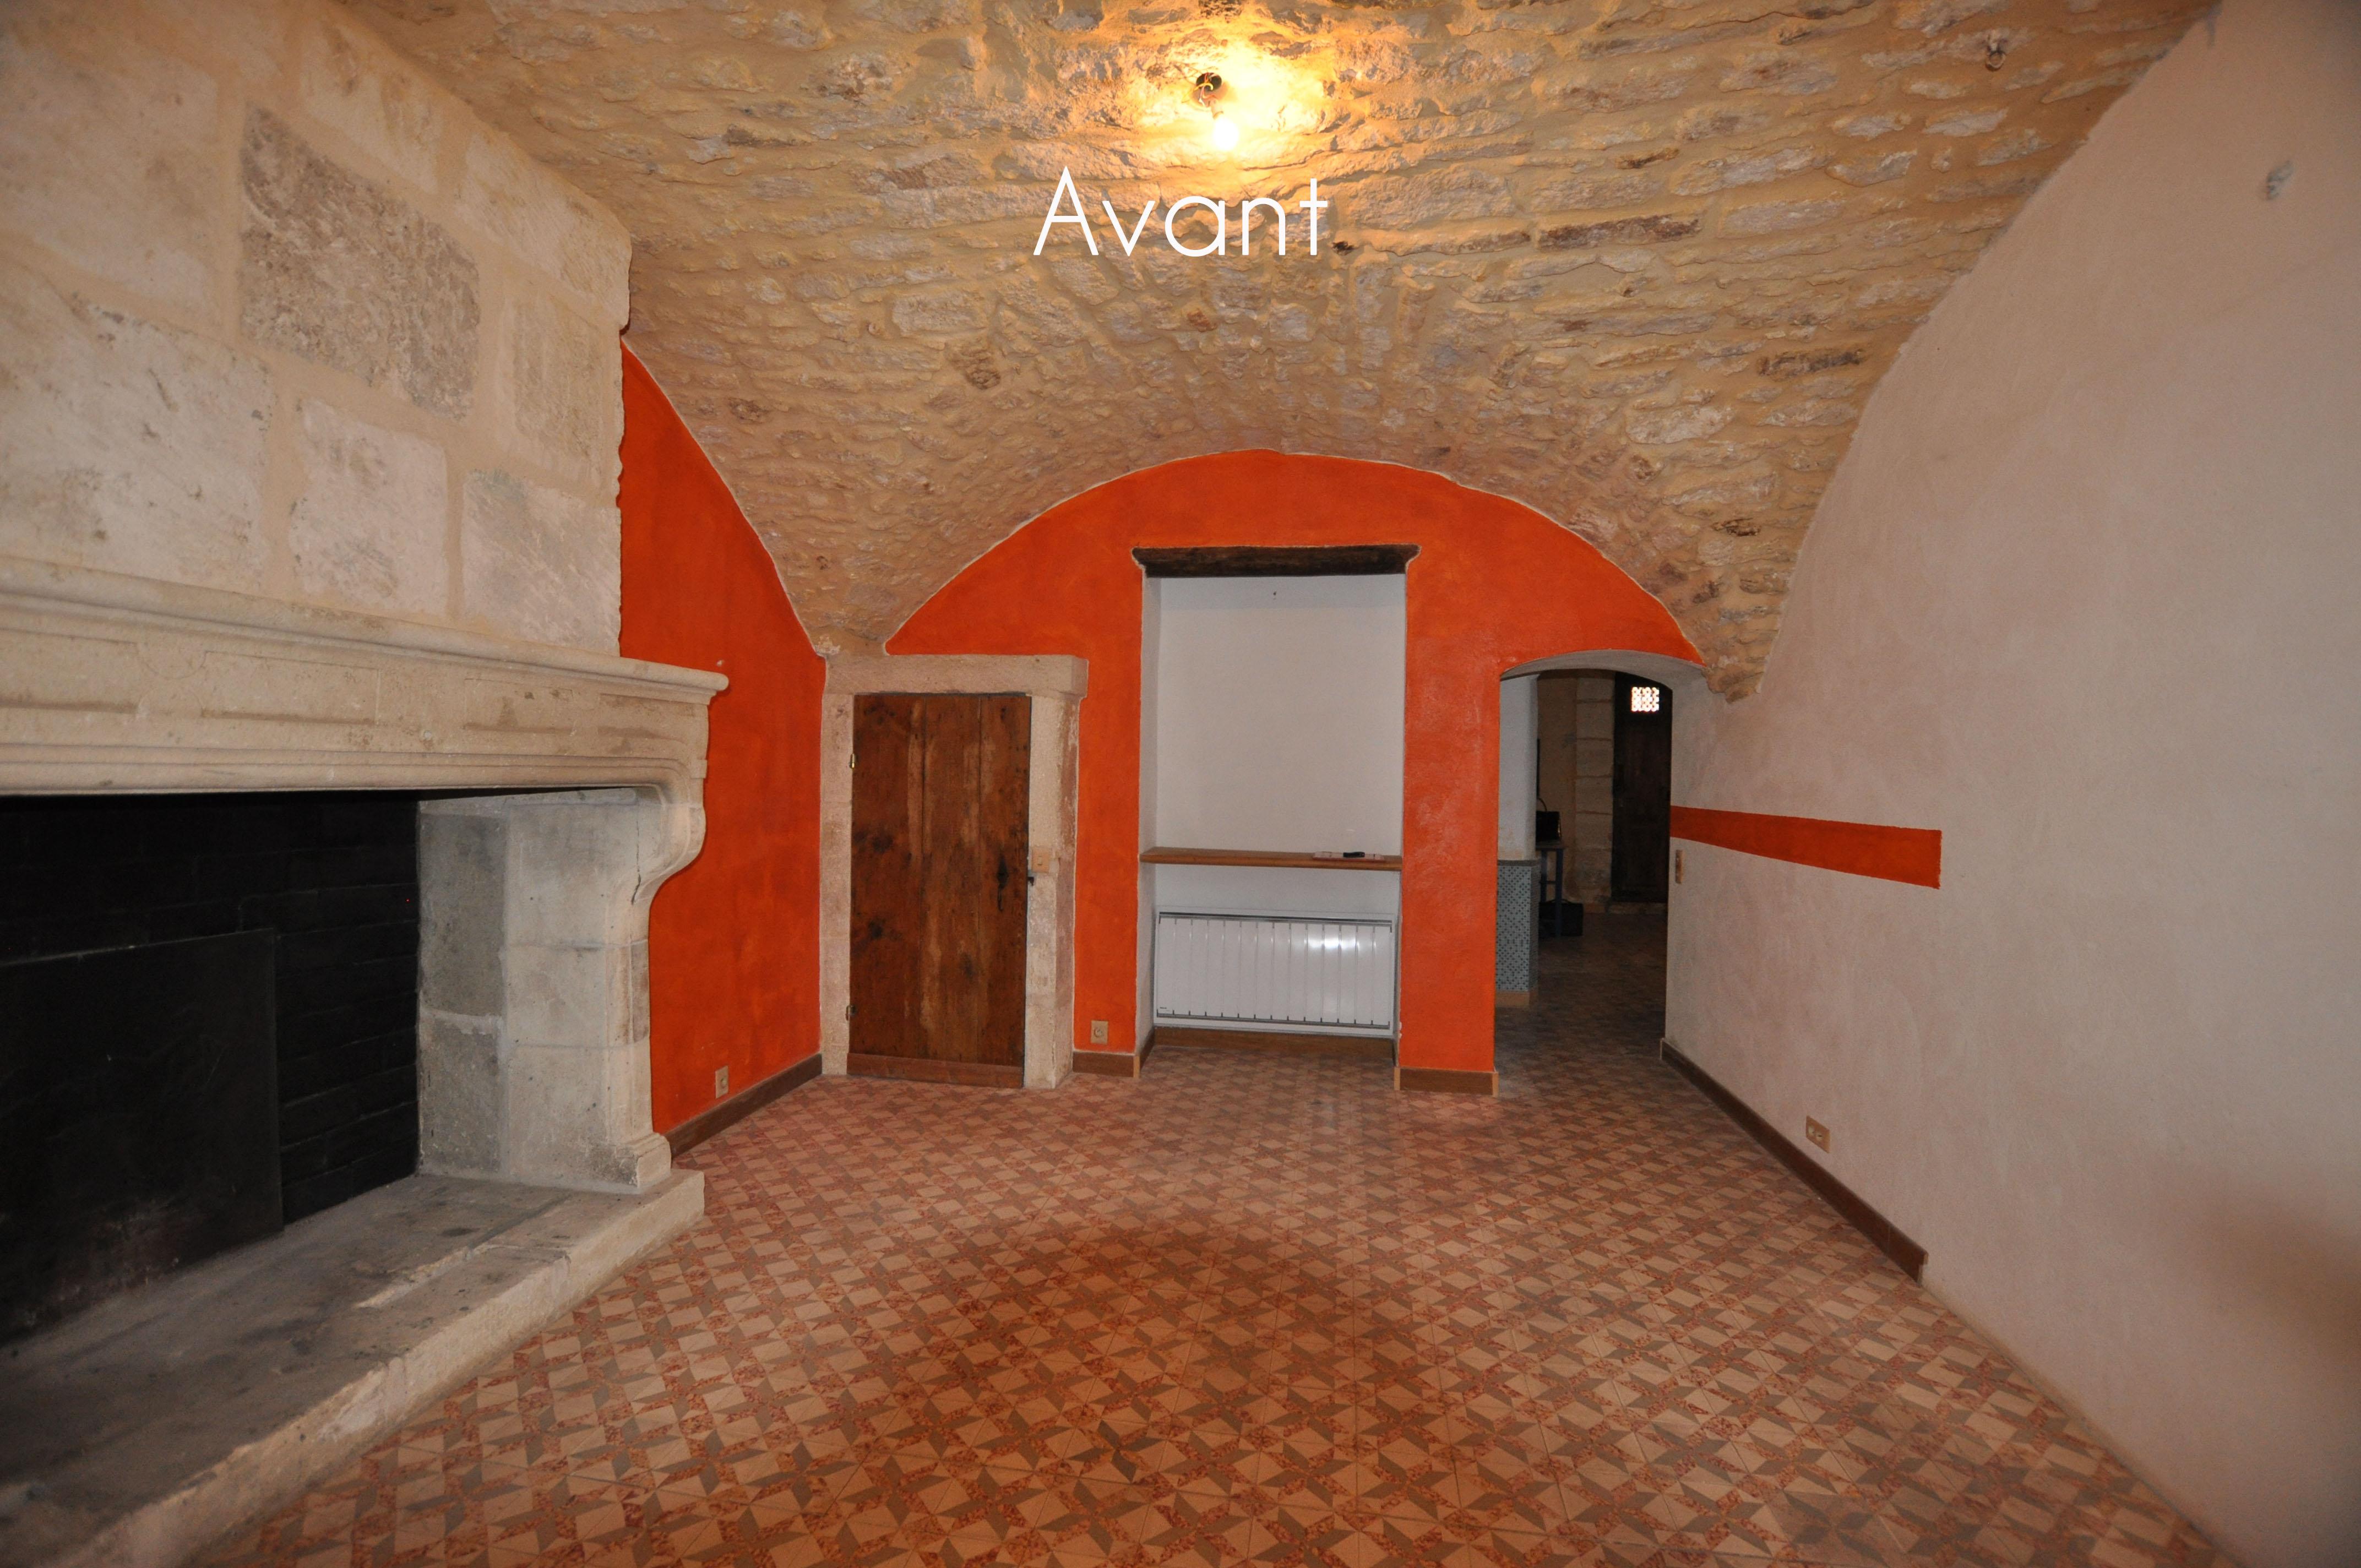 rénovation-maison-d'hôtes-avant